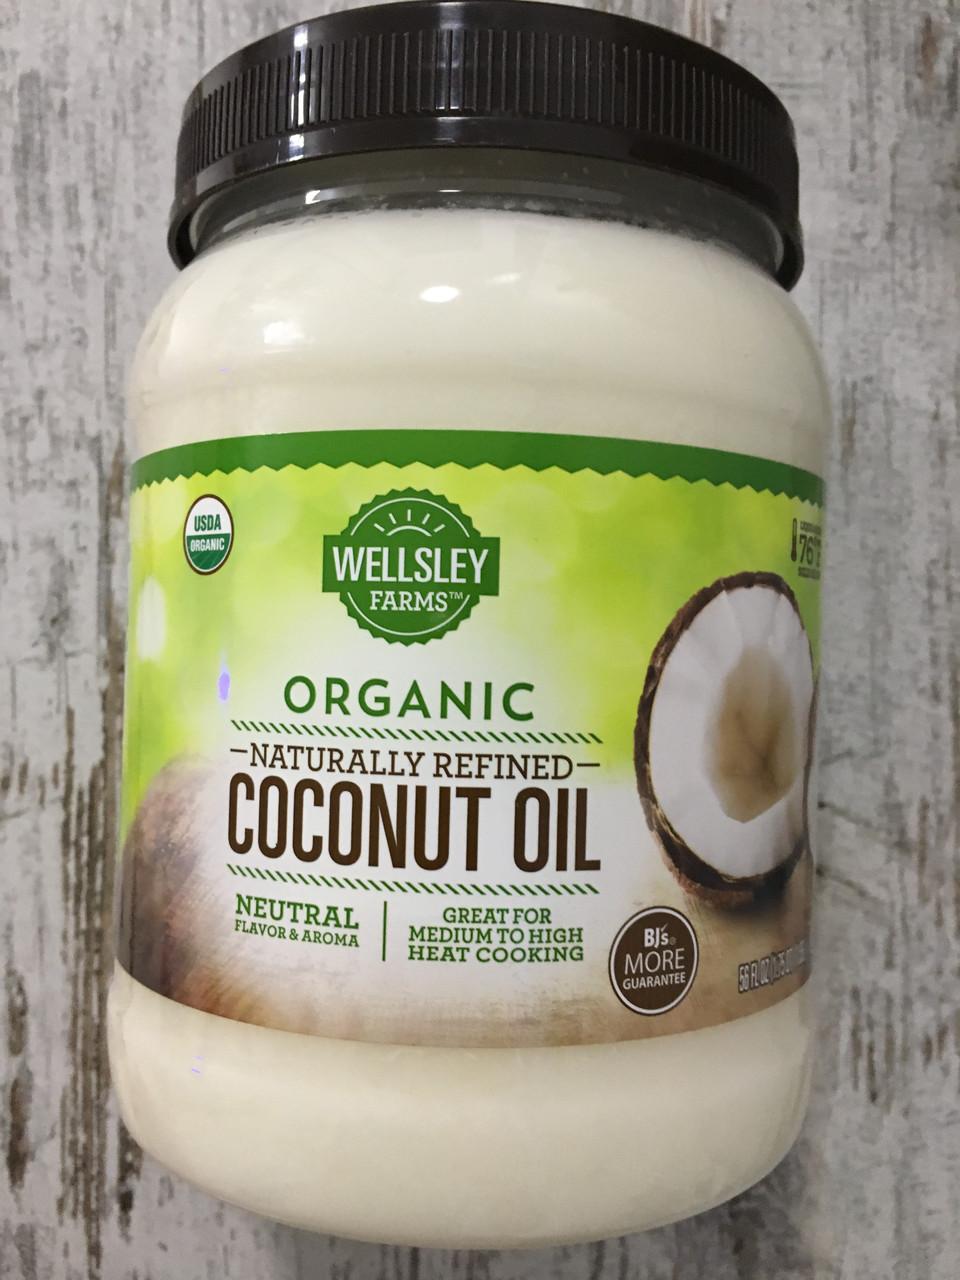 Органическое кокосовое масло WELLSLEY FARMS для приготовления пищи